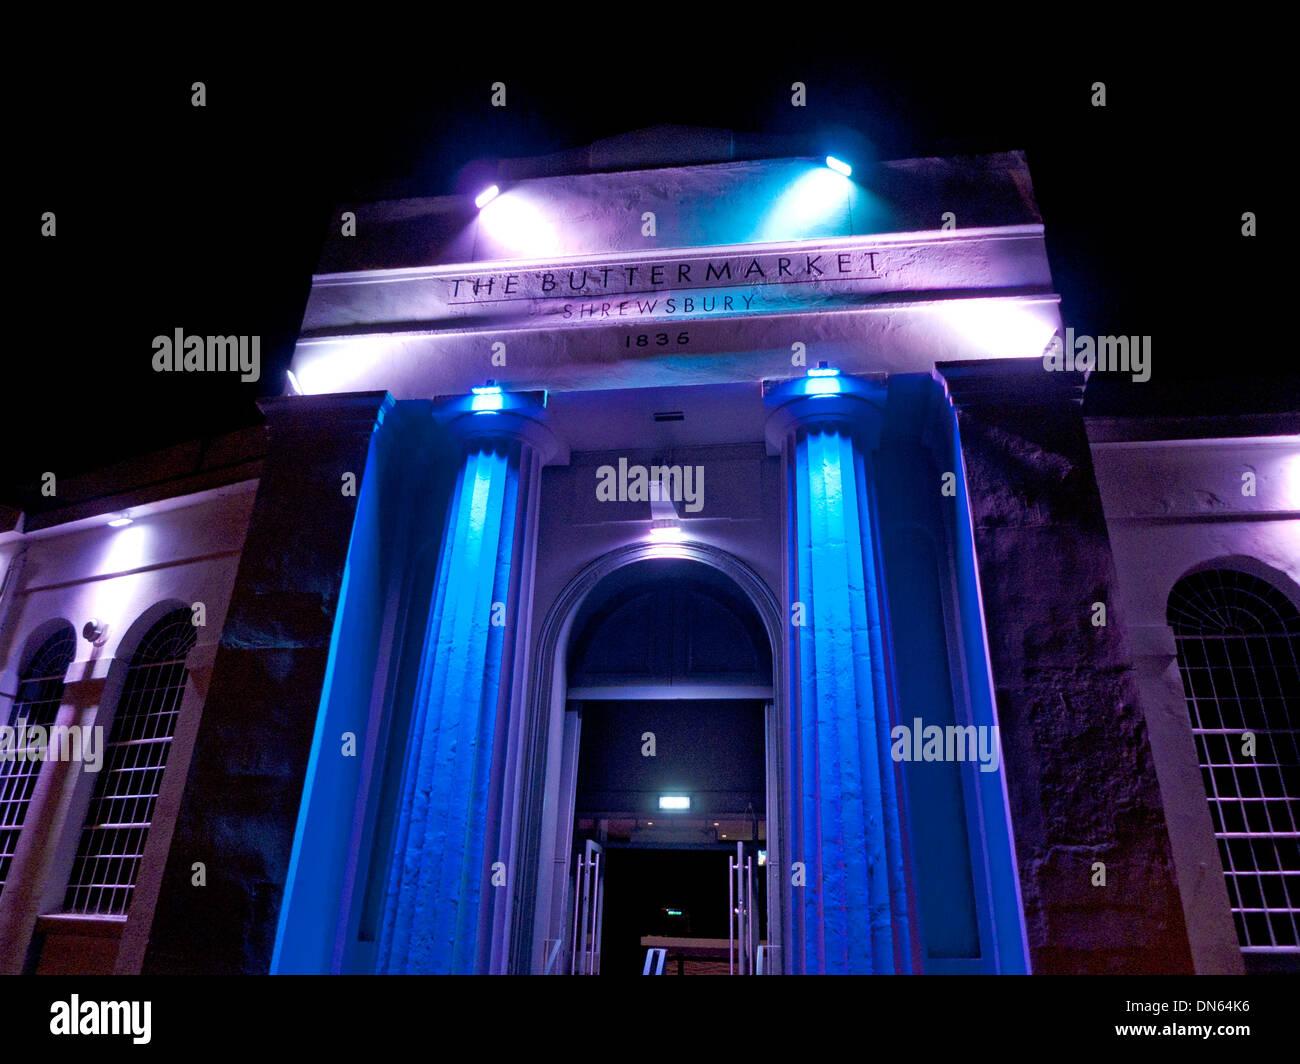 image gallery nightclub exterior